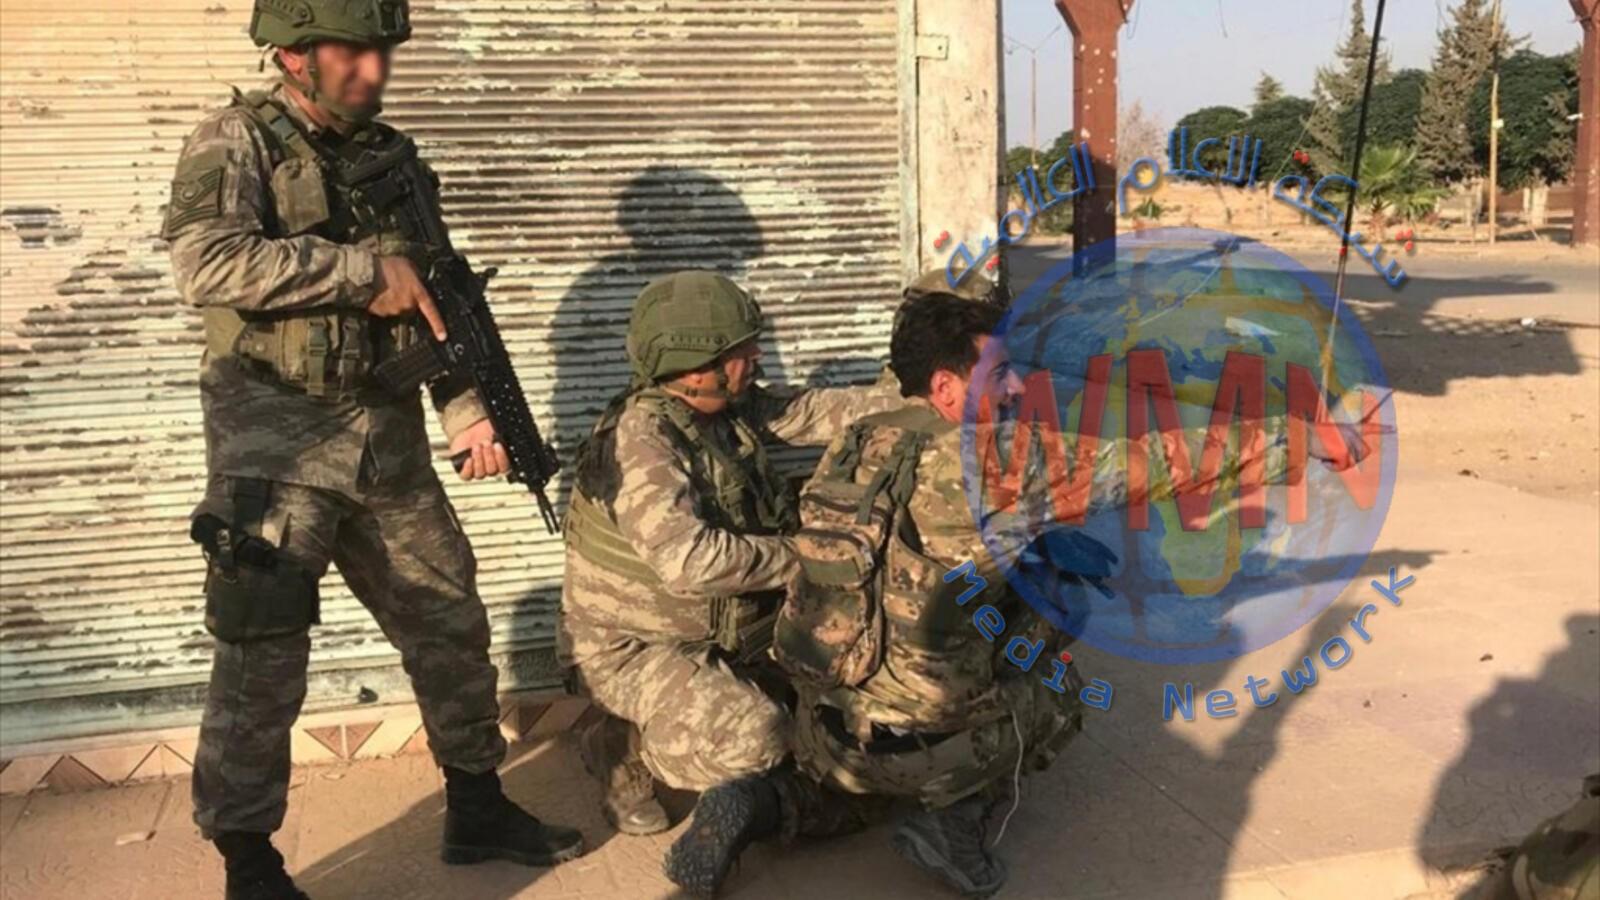 الجيش الوطني السوري يسيطر على بلدة سلوك بريف الرقة